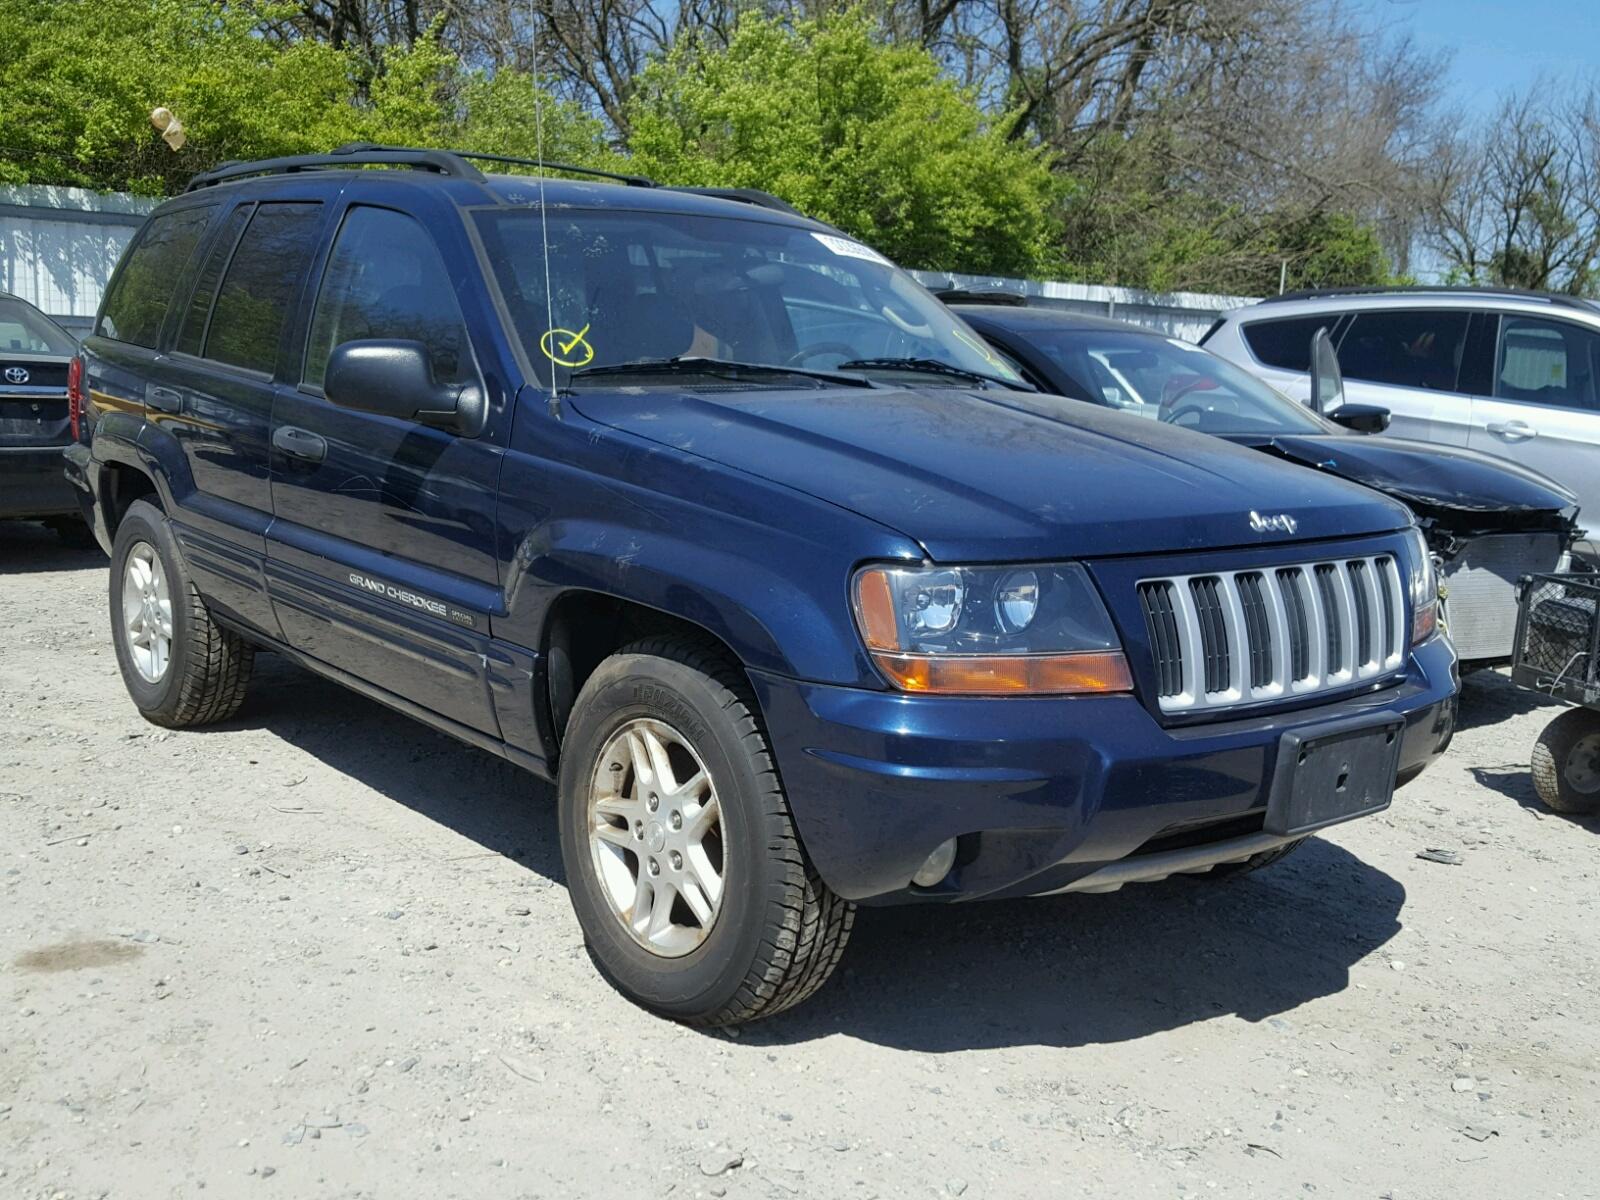 2004 Jeep Grand Cherokee for sale at Copart Glassboro NJ Lot